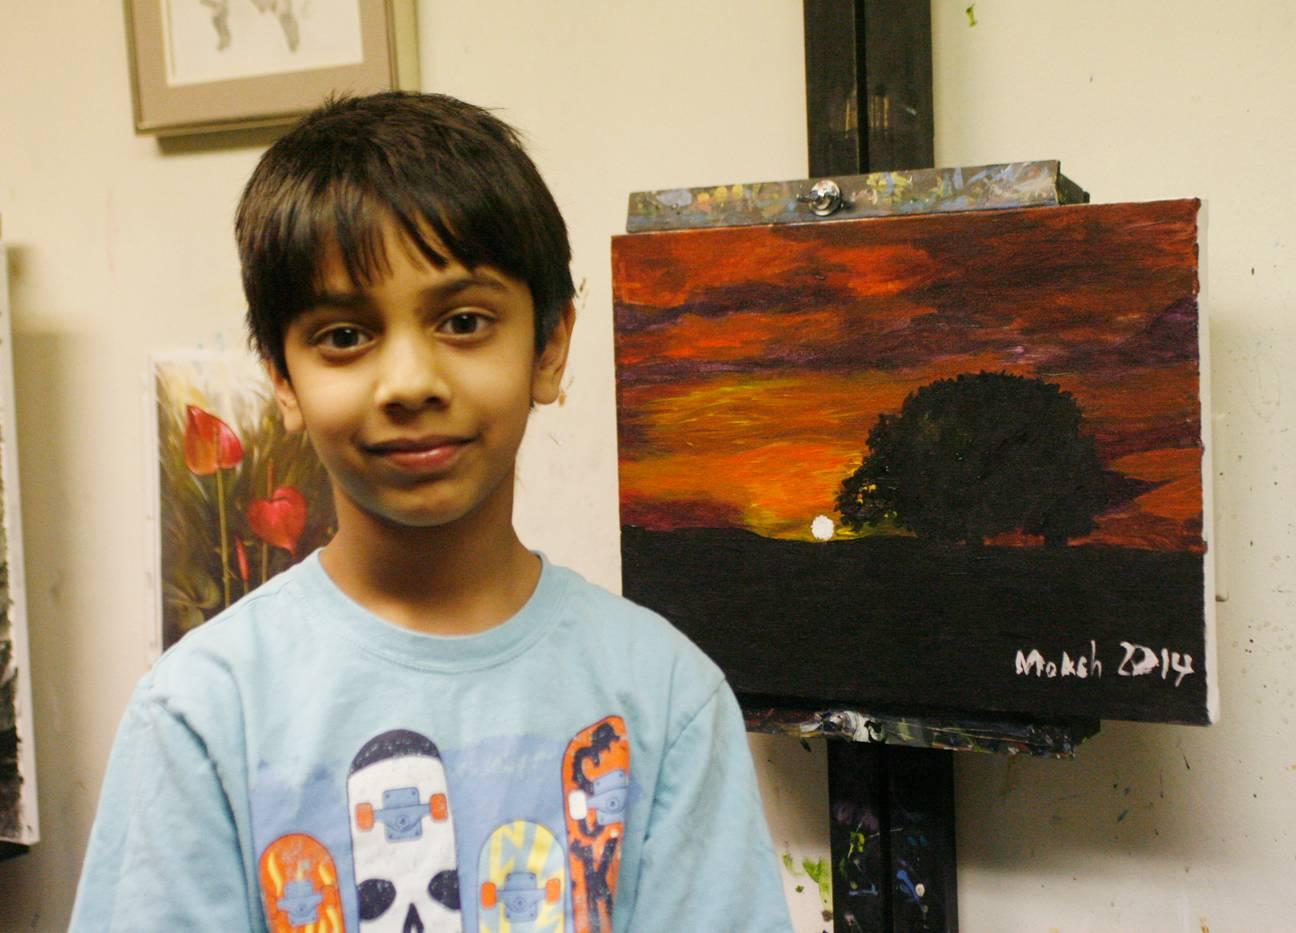 Shlok Patel